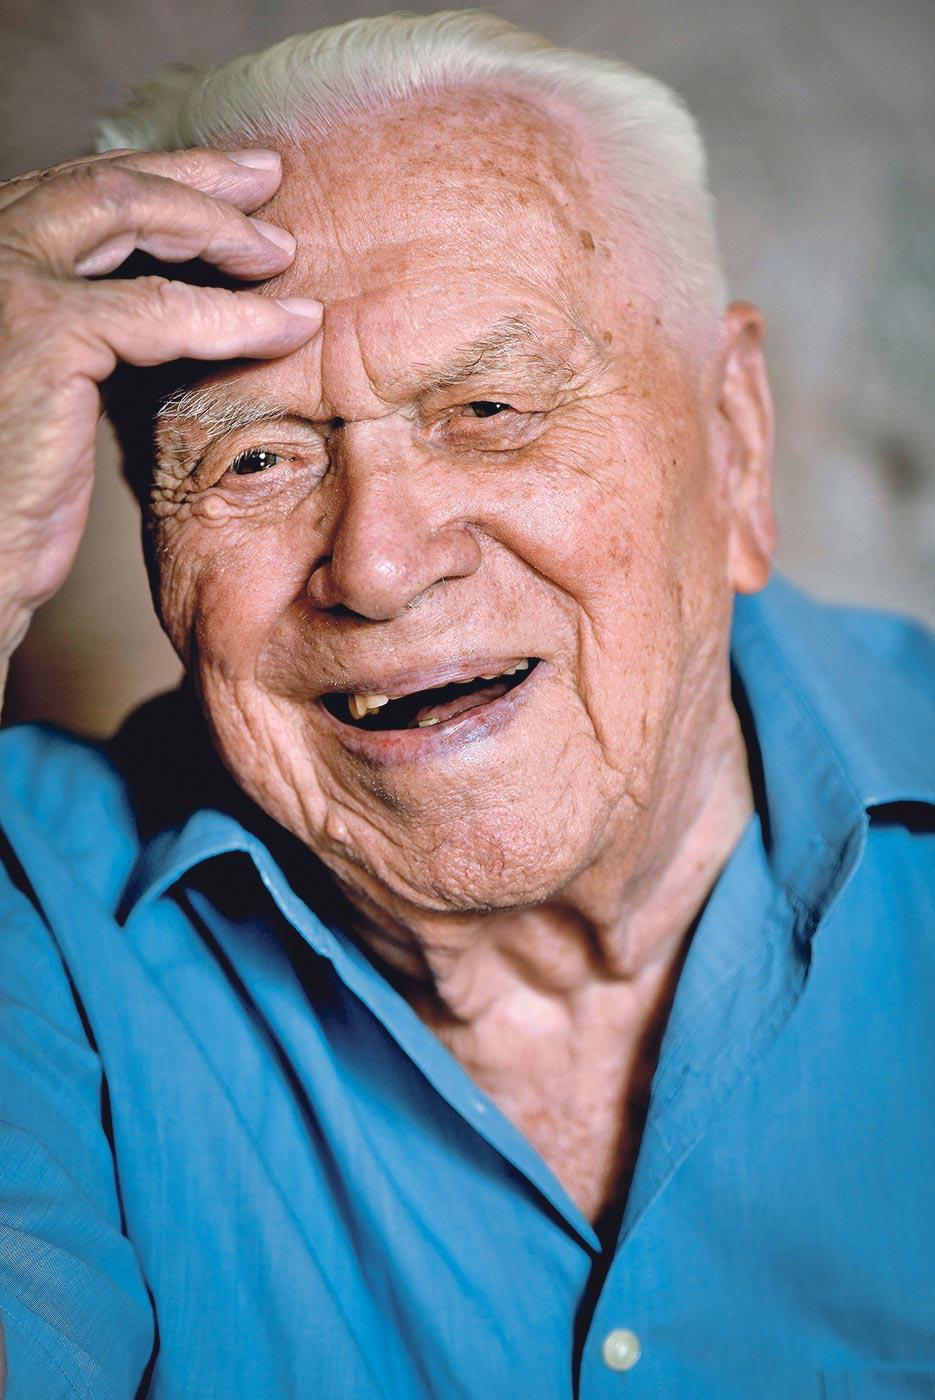 Gabrijel Šurina je stogodišnjak koji živi u Domu za starije i nemoćne Ksaver